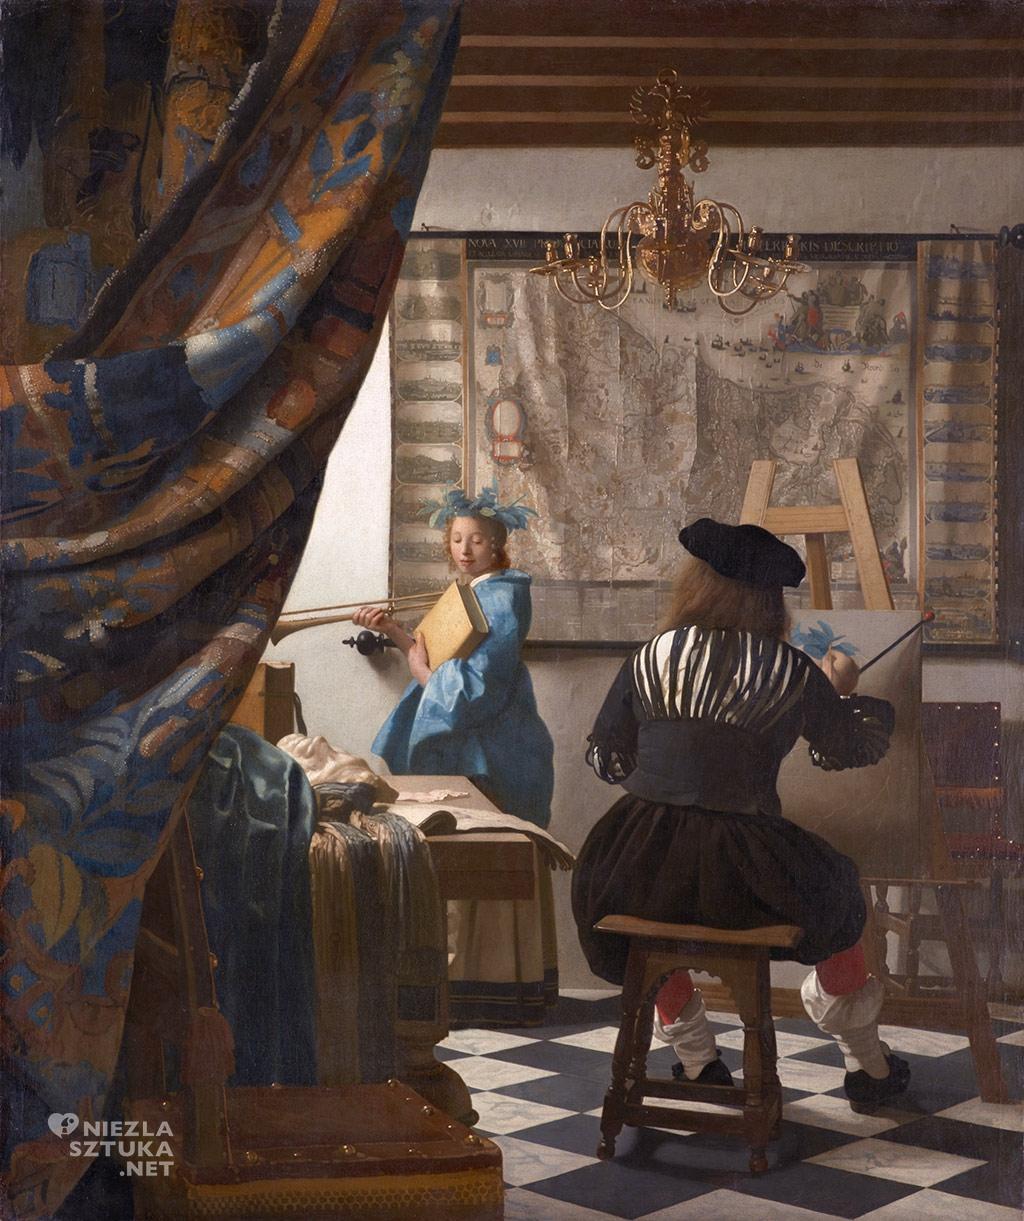 Johannes Vermeer, Alegoria malarstwa, Kunsthistorische Museum, Wiedeń, Niezła sztuka